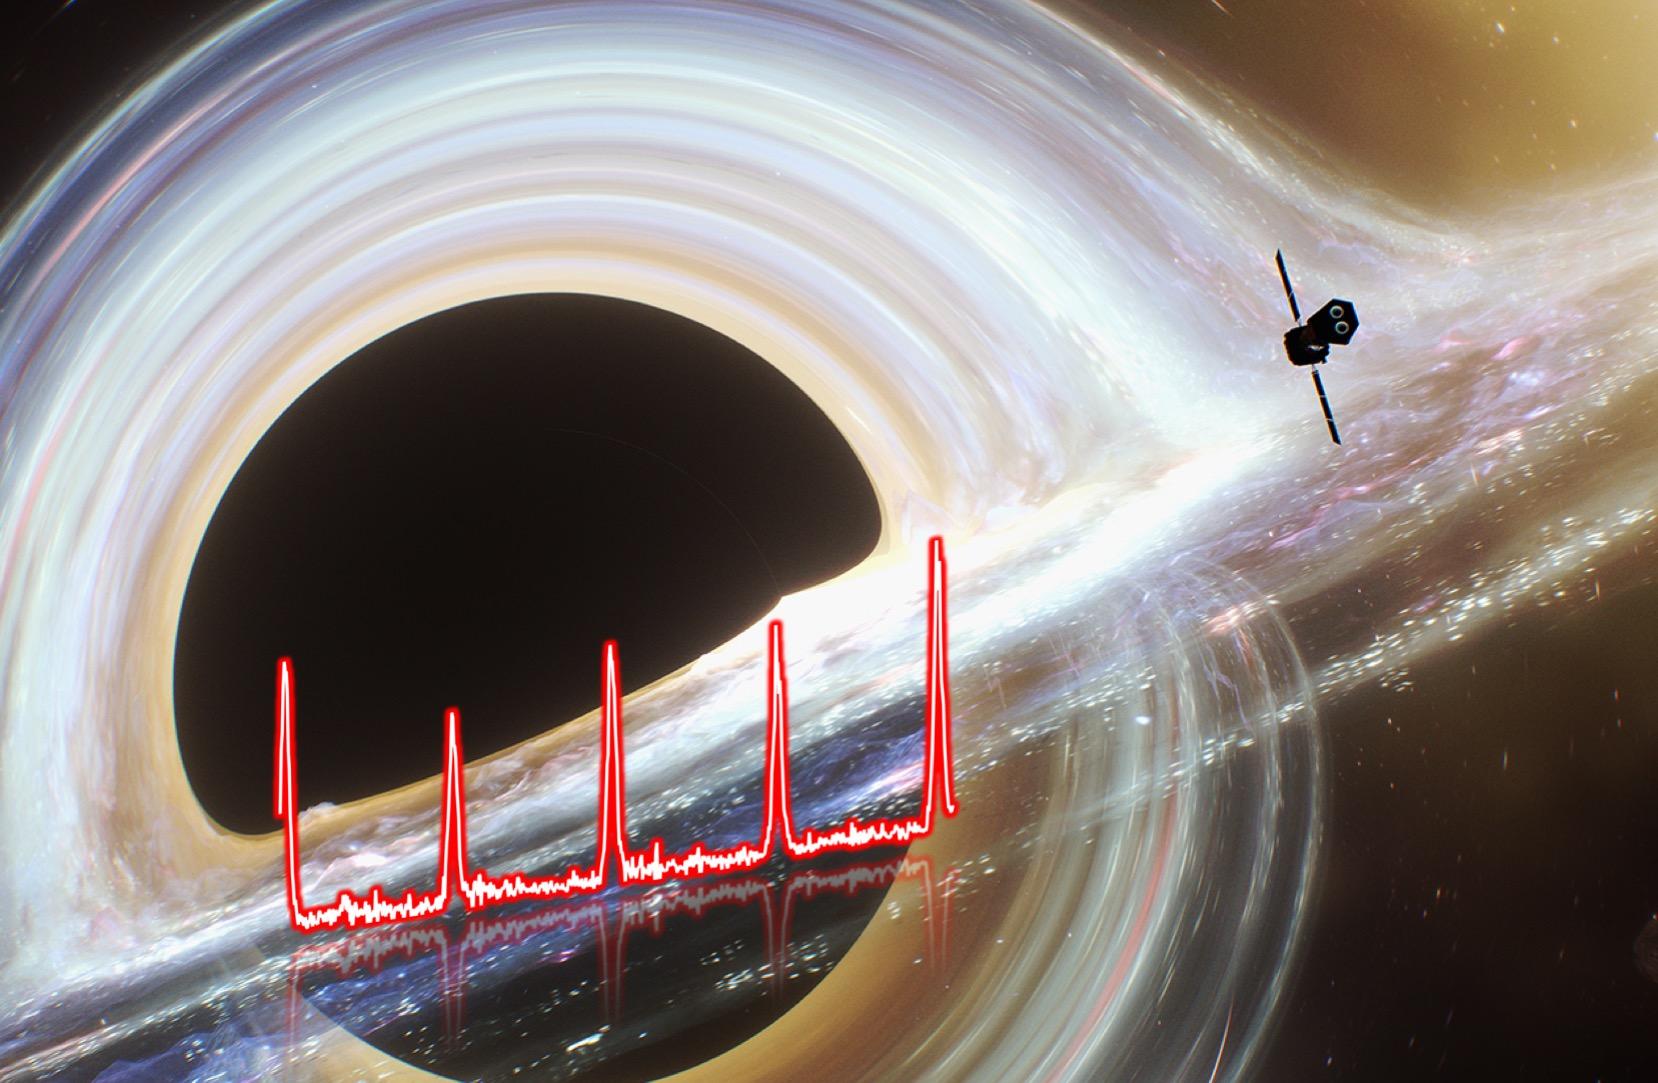 imagen de Imagen artística de un disco de acreción alrededor de un agujero negro con la silueta superpuesta del observatorio de rayos X XMM-Newton (©Ignacio de la Calle, ESAC). La curva roja superpuesta muestra una curva de luz de GSN 069 obtenida con XMM-Newton donde aparecen cinco QPEs detectados, cada uno de ellos de alrededor de una hora de duración y separados ente sí unas 9 horas (©G. Miniutti, CAB).